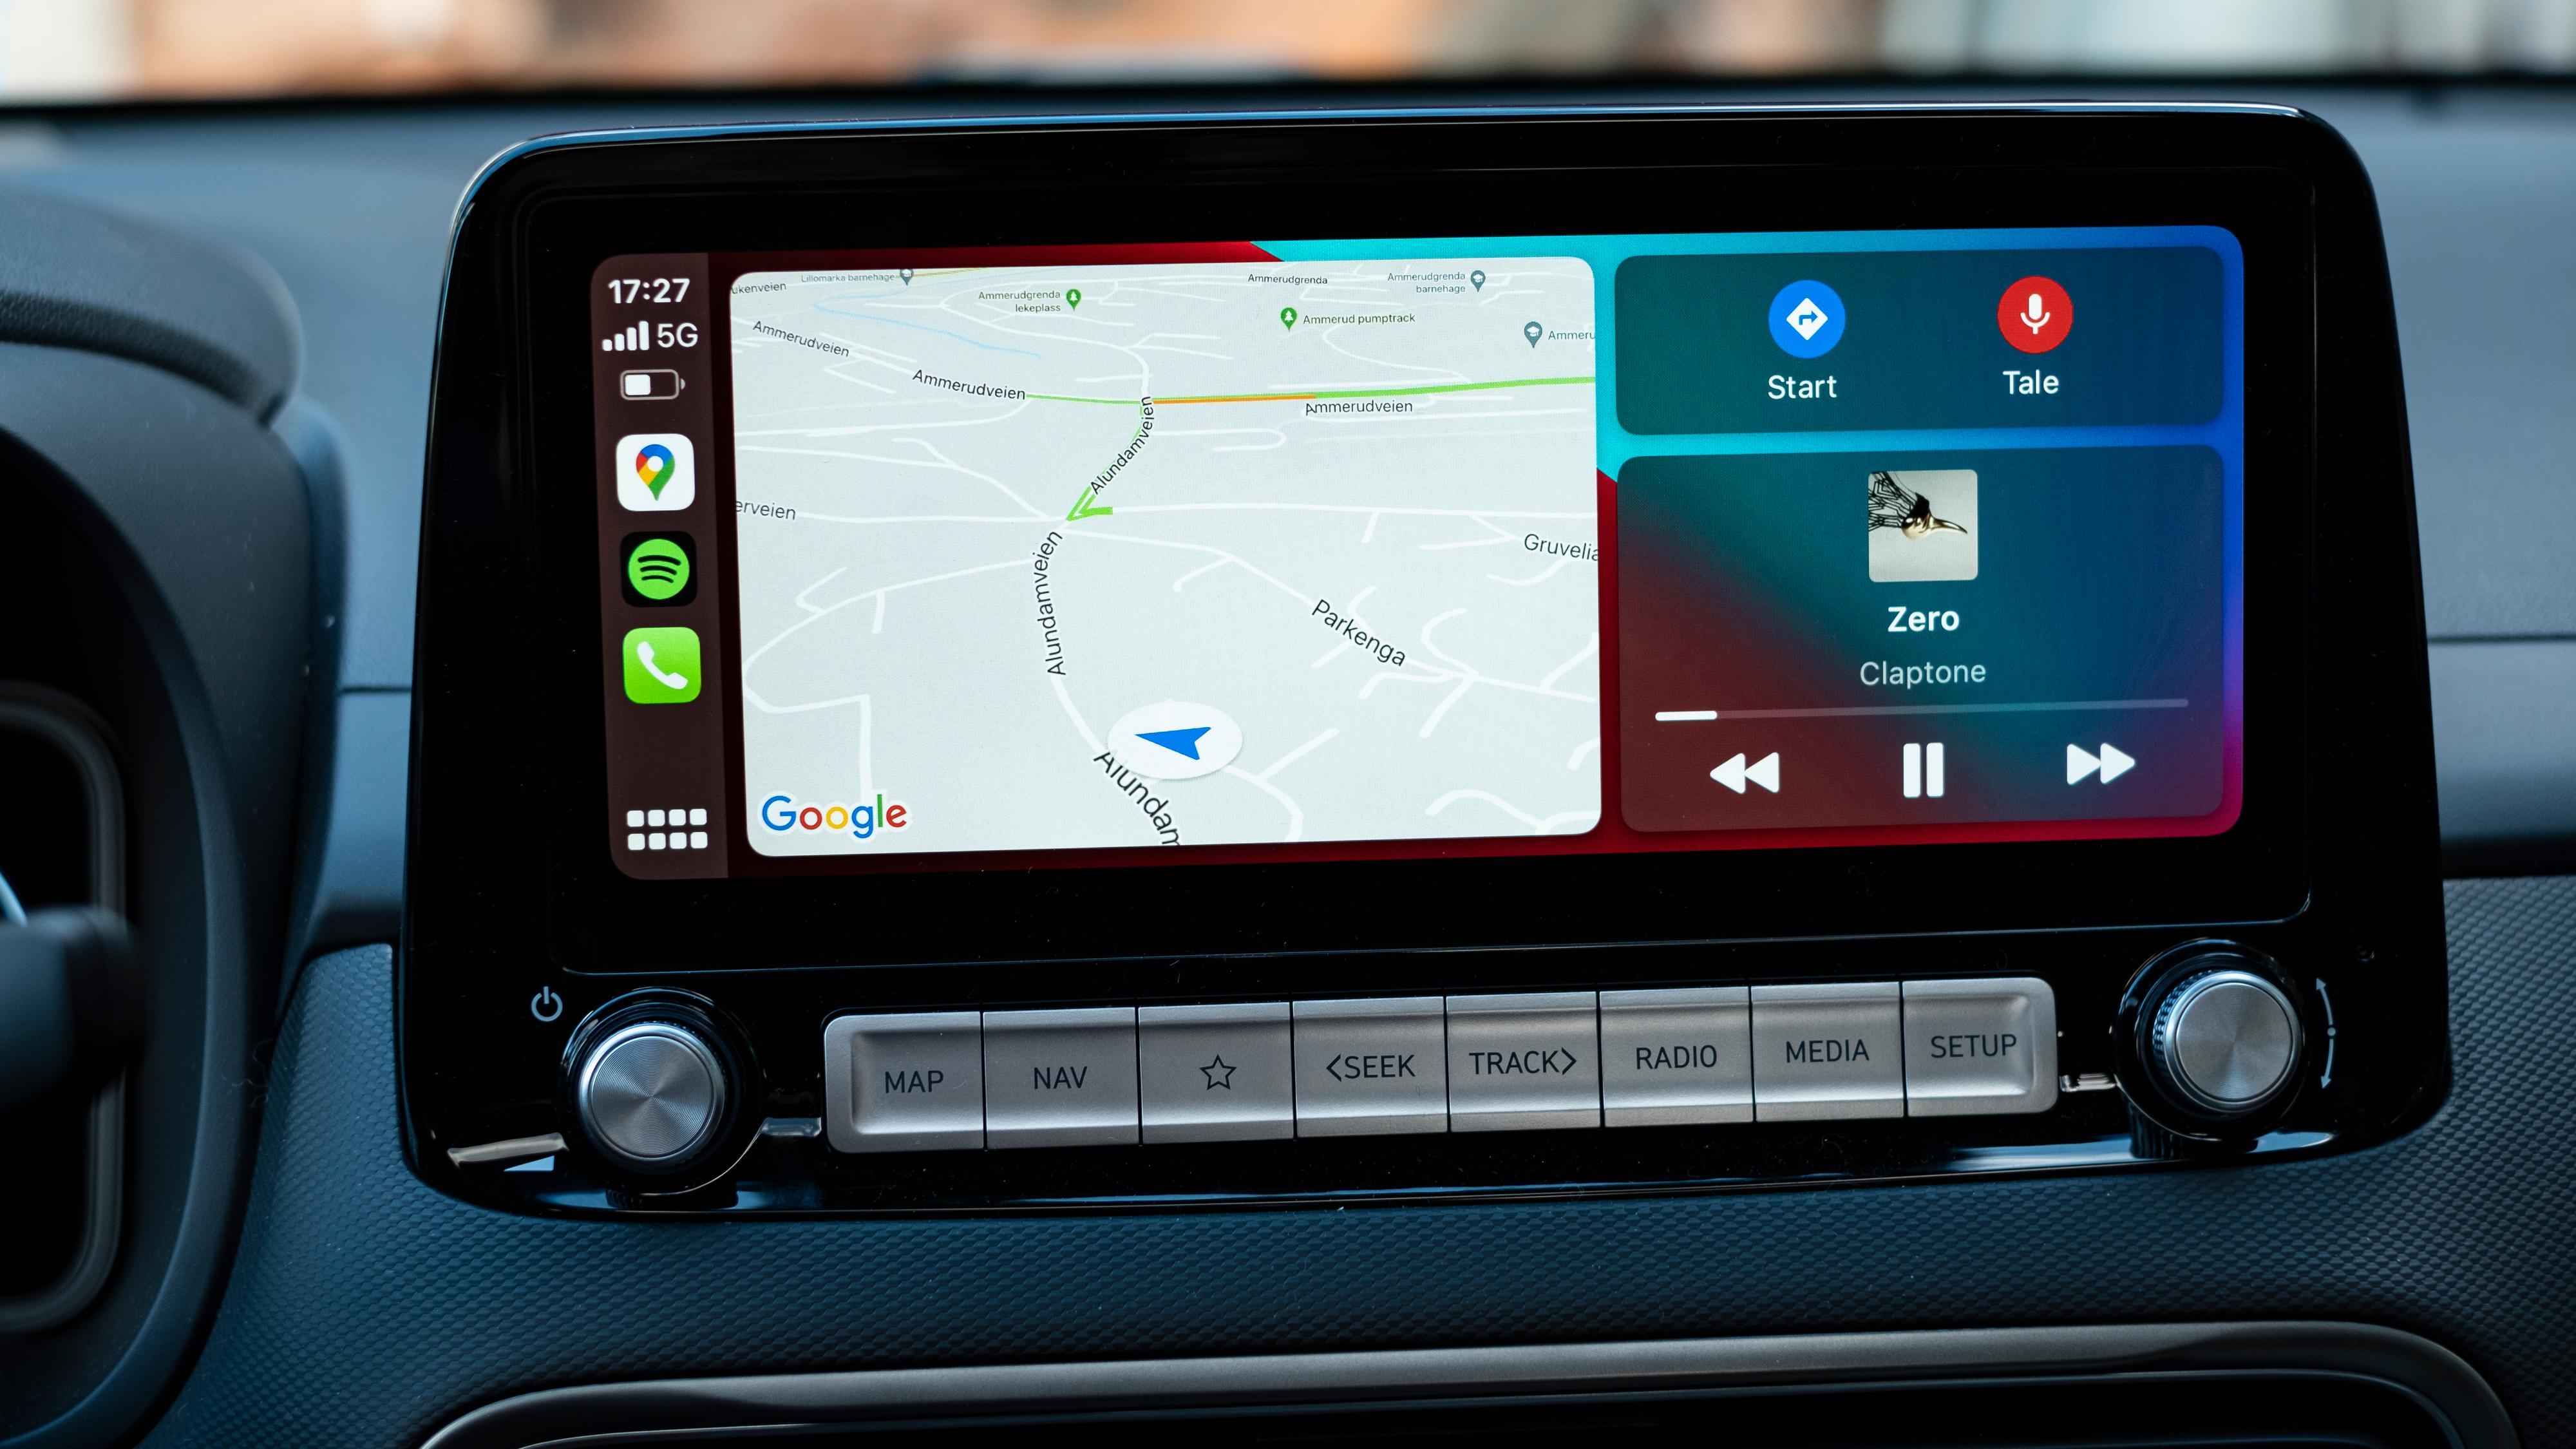 CarPlay har utviklet seg en del de siste årene, med flere apper tilgjengelig og muligheten til å bruke Google Maps for navigasjon. Hjemmeskjermen min er satt opp med musikk, kart og navigasjonsinstruksjoner i samme visning.